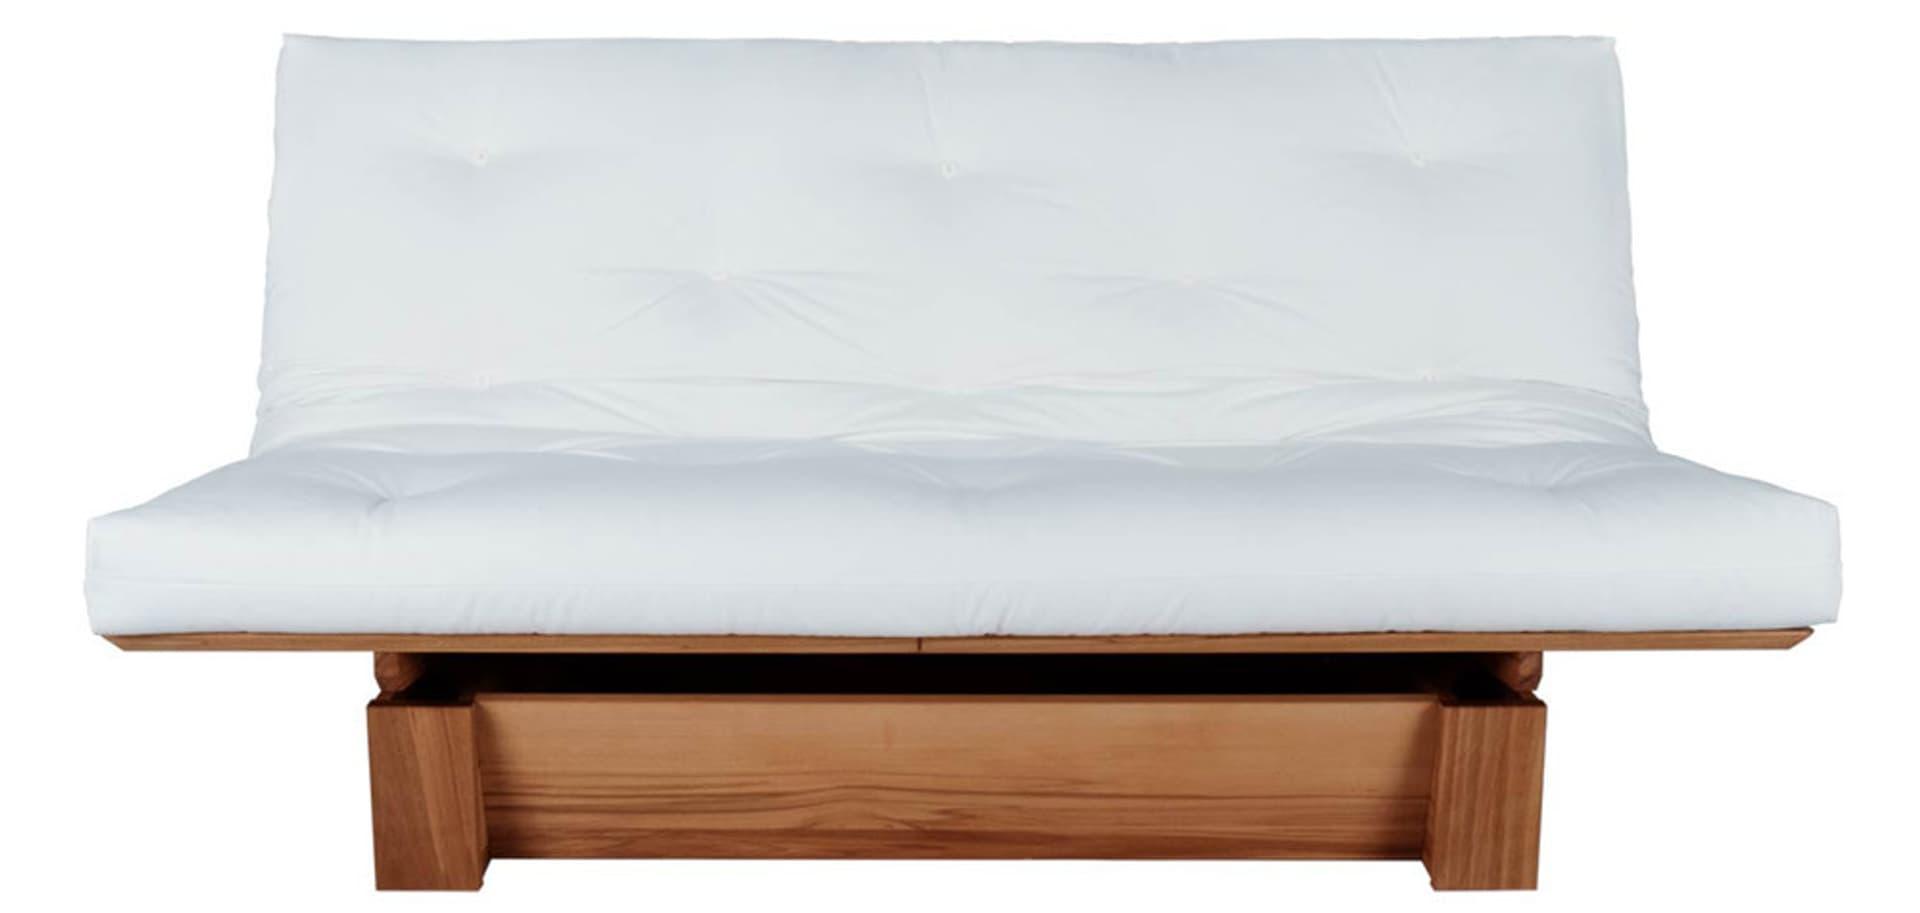 weißes Futon-Sofa auf Holzgestell